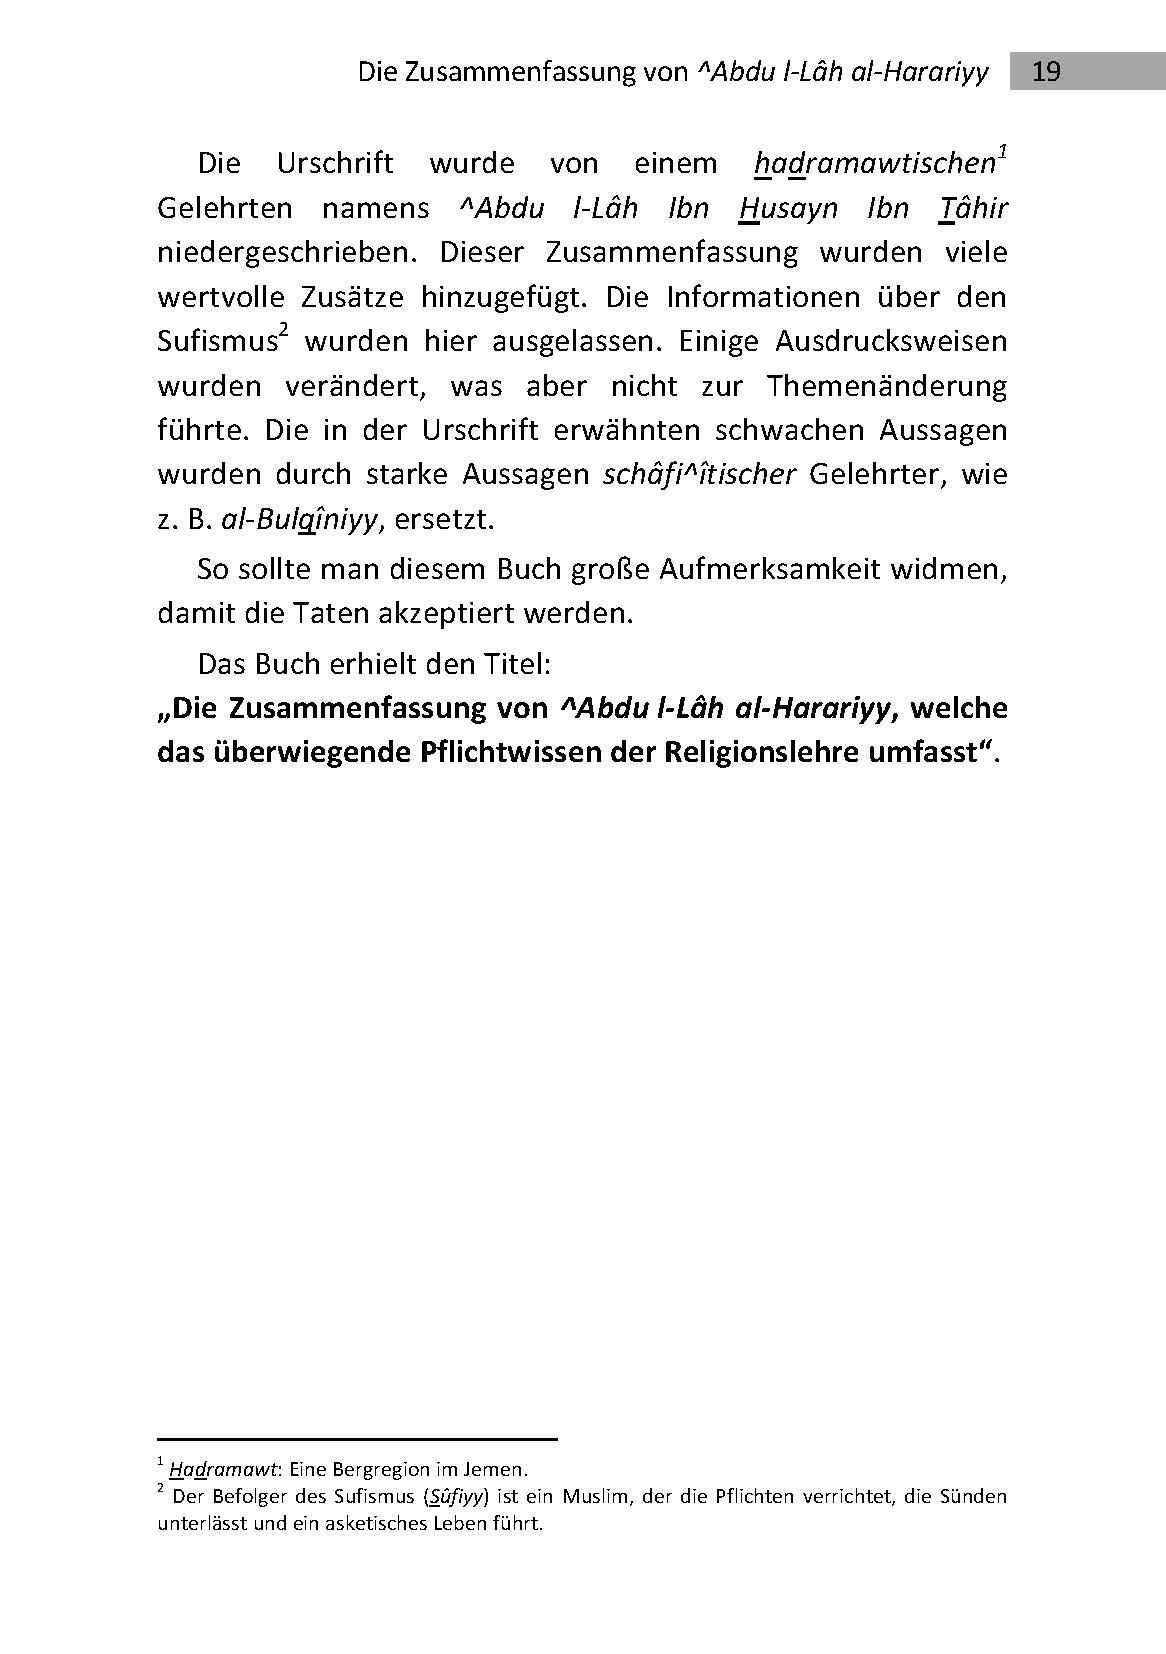 Die Zusammenfassung - 3. Auflage 2014_Seite_19